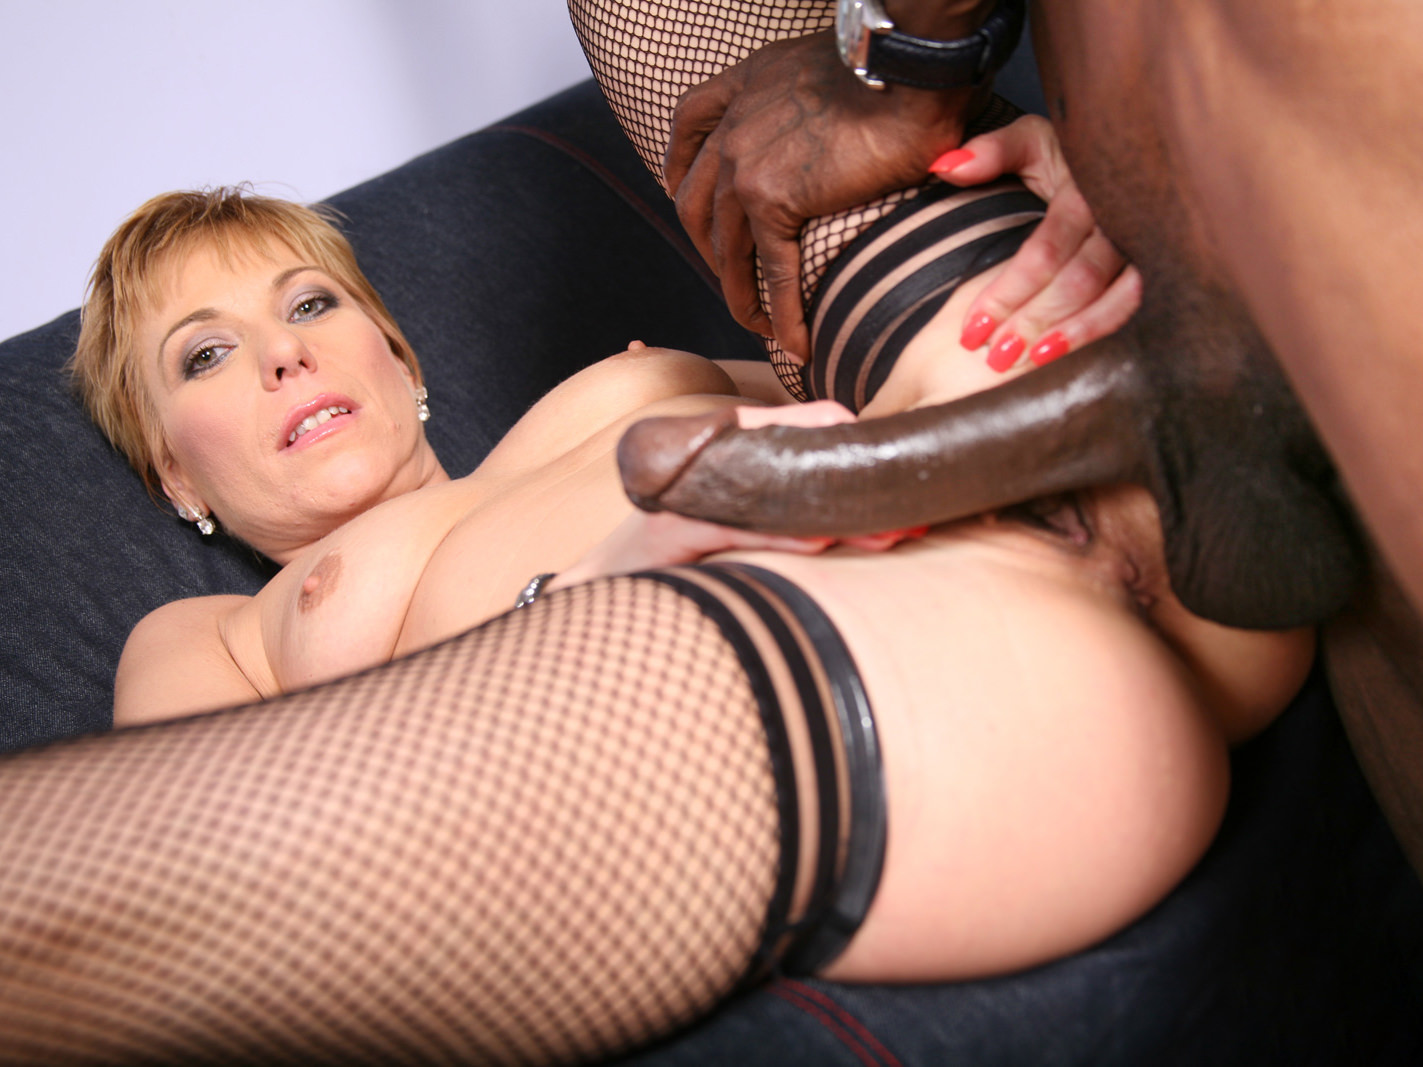 nøgengalleri cougar anal gratis erotic